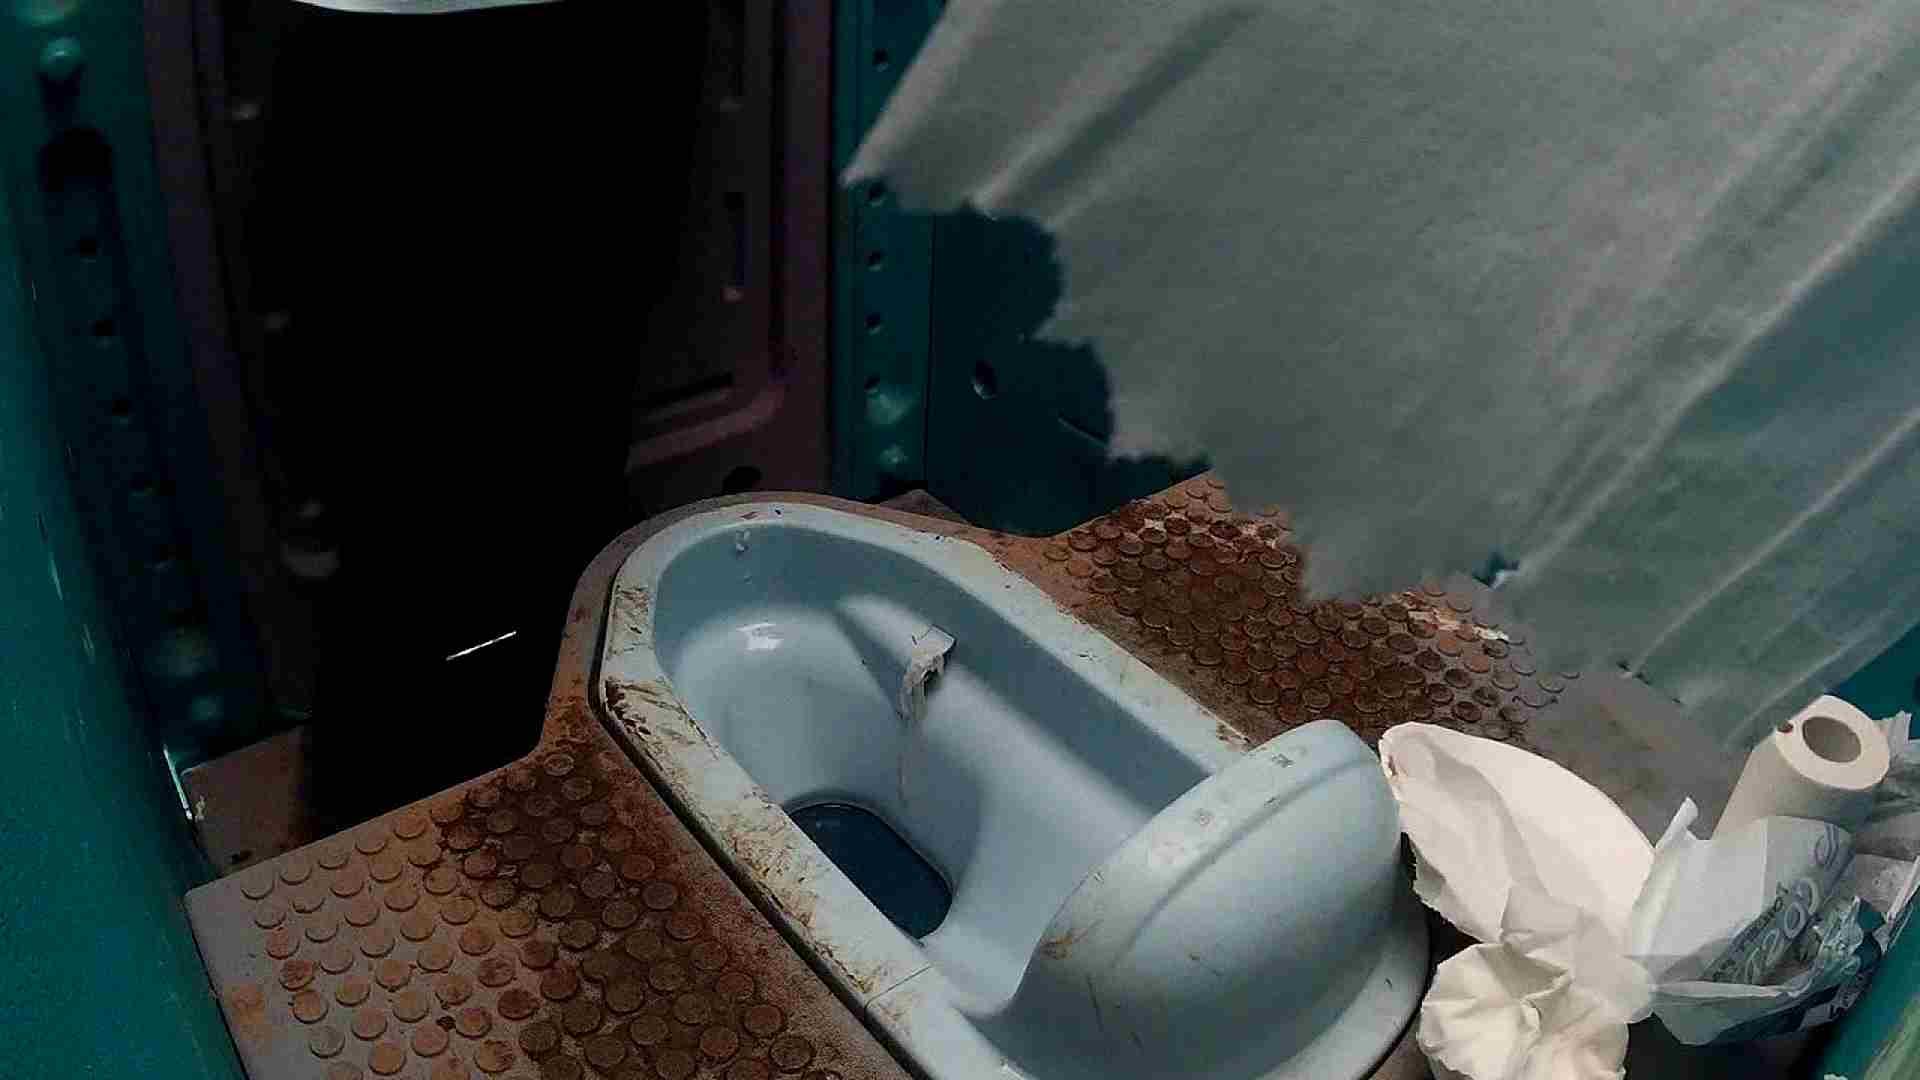 痴態洗面所 Vol.07 んーっ設置のむずかしさ、また「紙」様が・・・ 洗面所着替え | OL  86連発 25